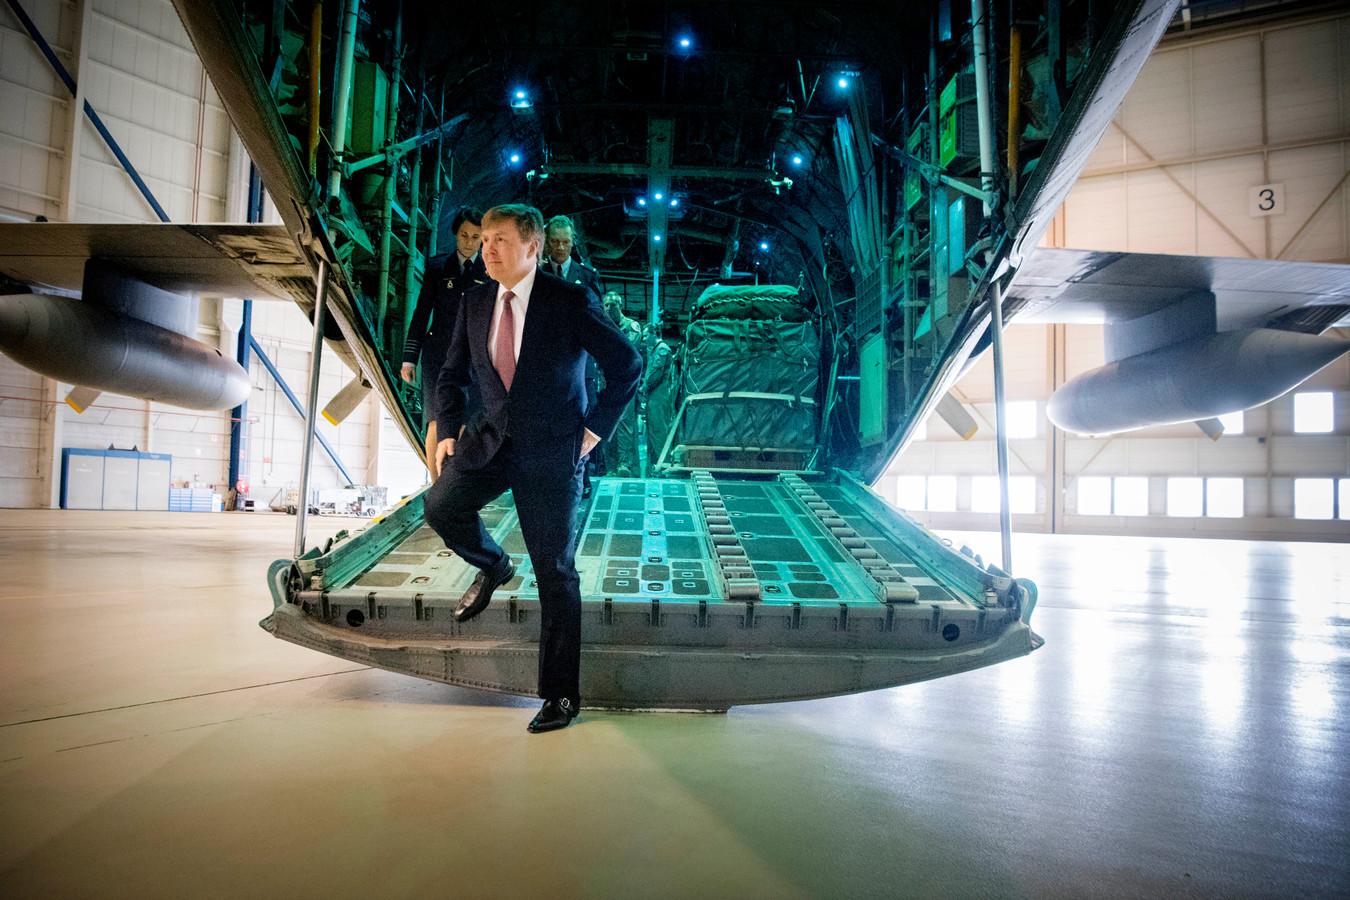 2018-04-13 14:38:35 EINDHOVEN - Koning Willem-Alexander bij een C-130 Hercules transportvliegtuig tijdens een werkbezoek aan vliegbasis Eindhoven. ANP ROYAL IMAGES ROBIN UTRECHT